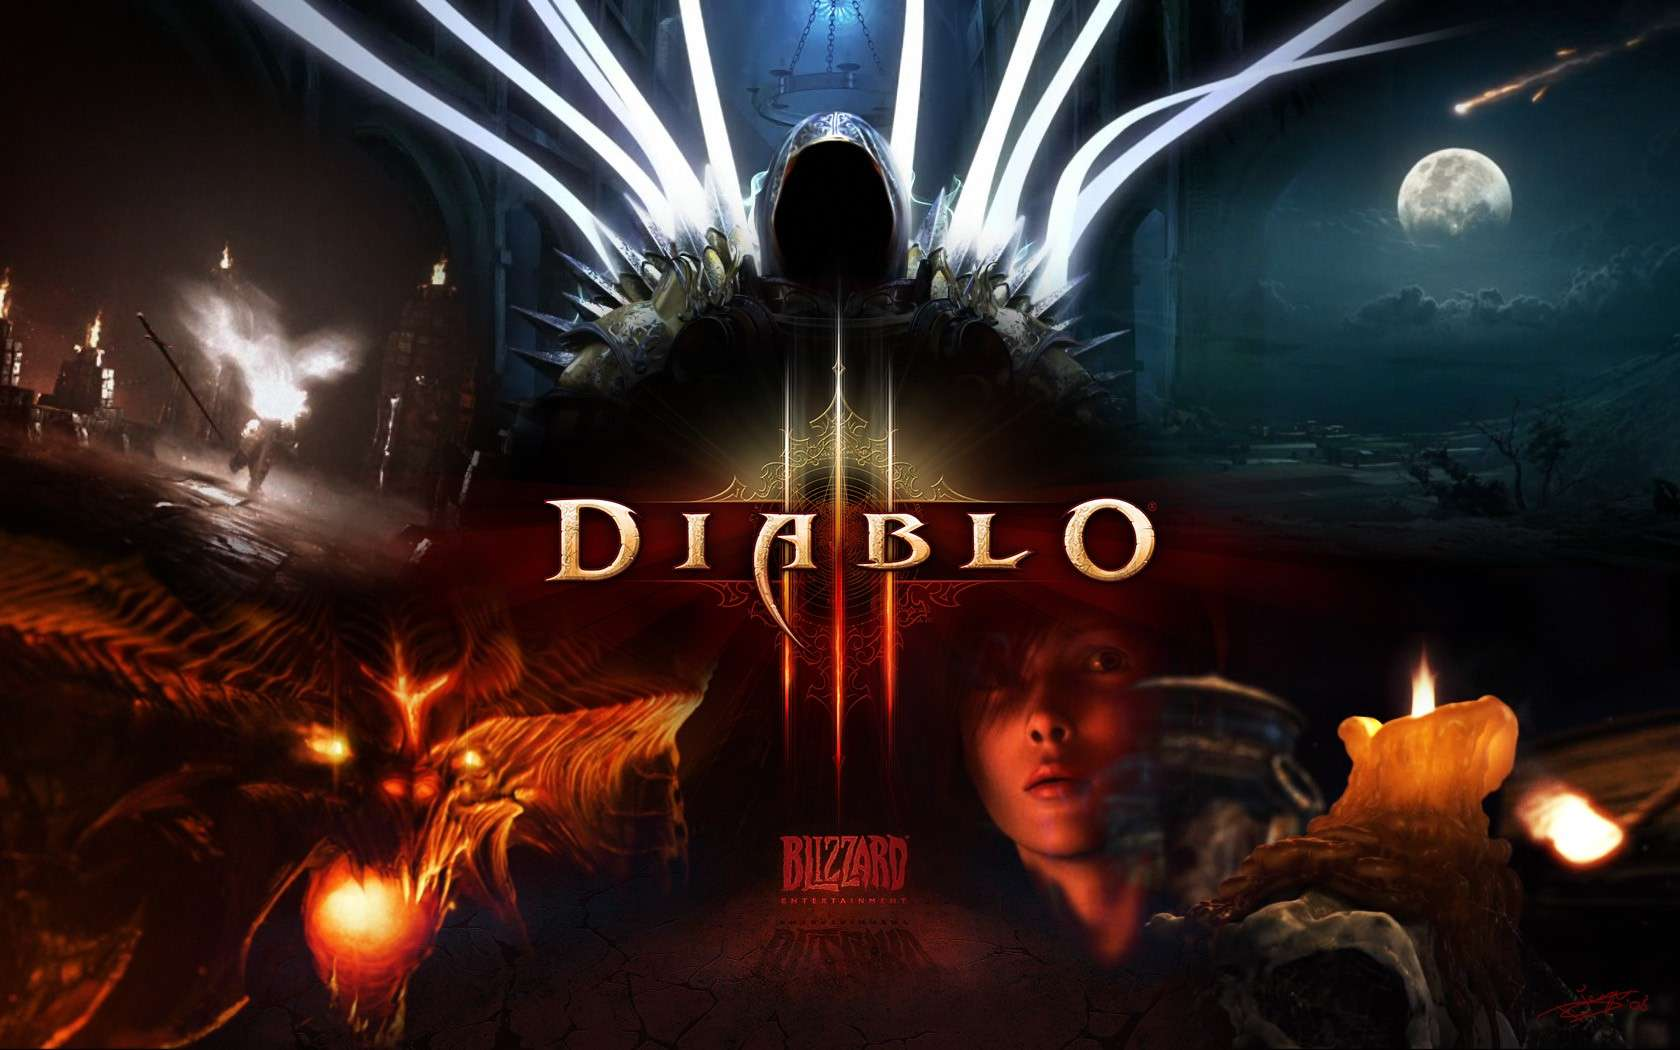 Diablo 3: Die neuen Zonen von Patch 2.4 im Video – Sind Hinweise auf ein Sequel versteckt?